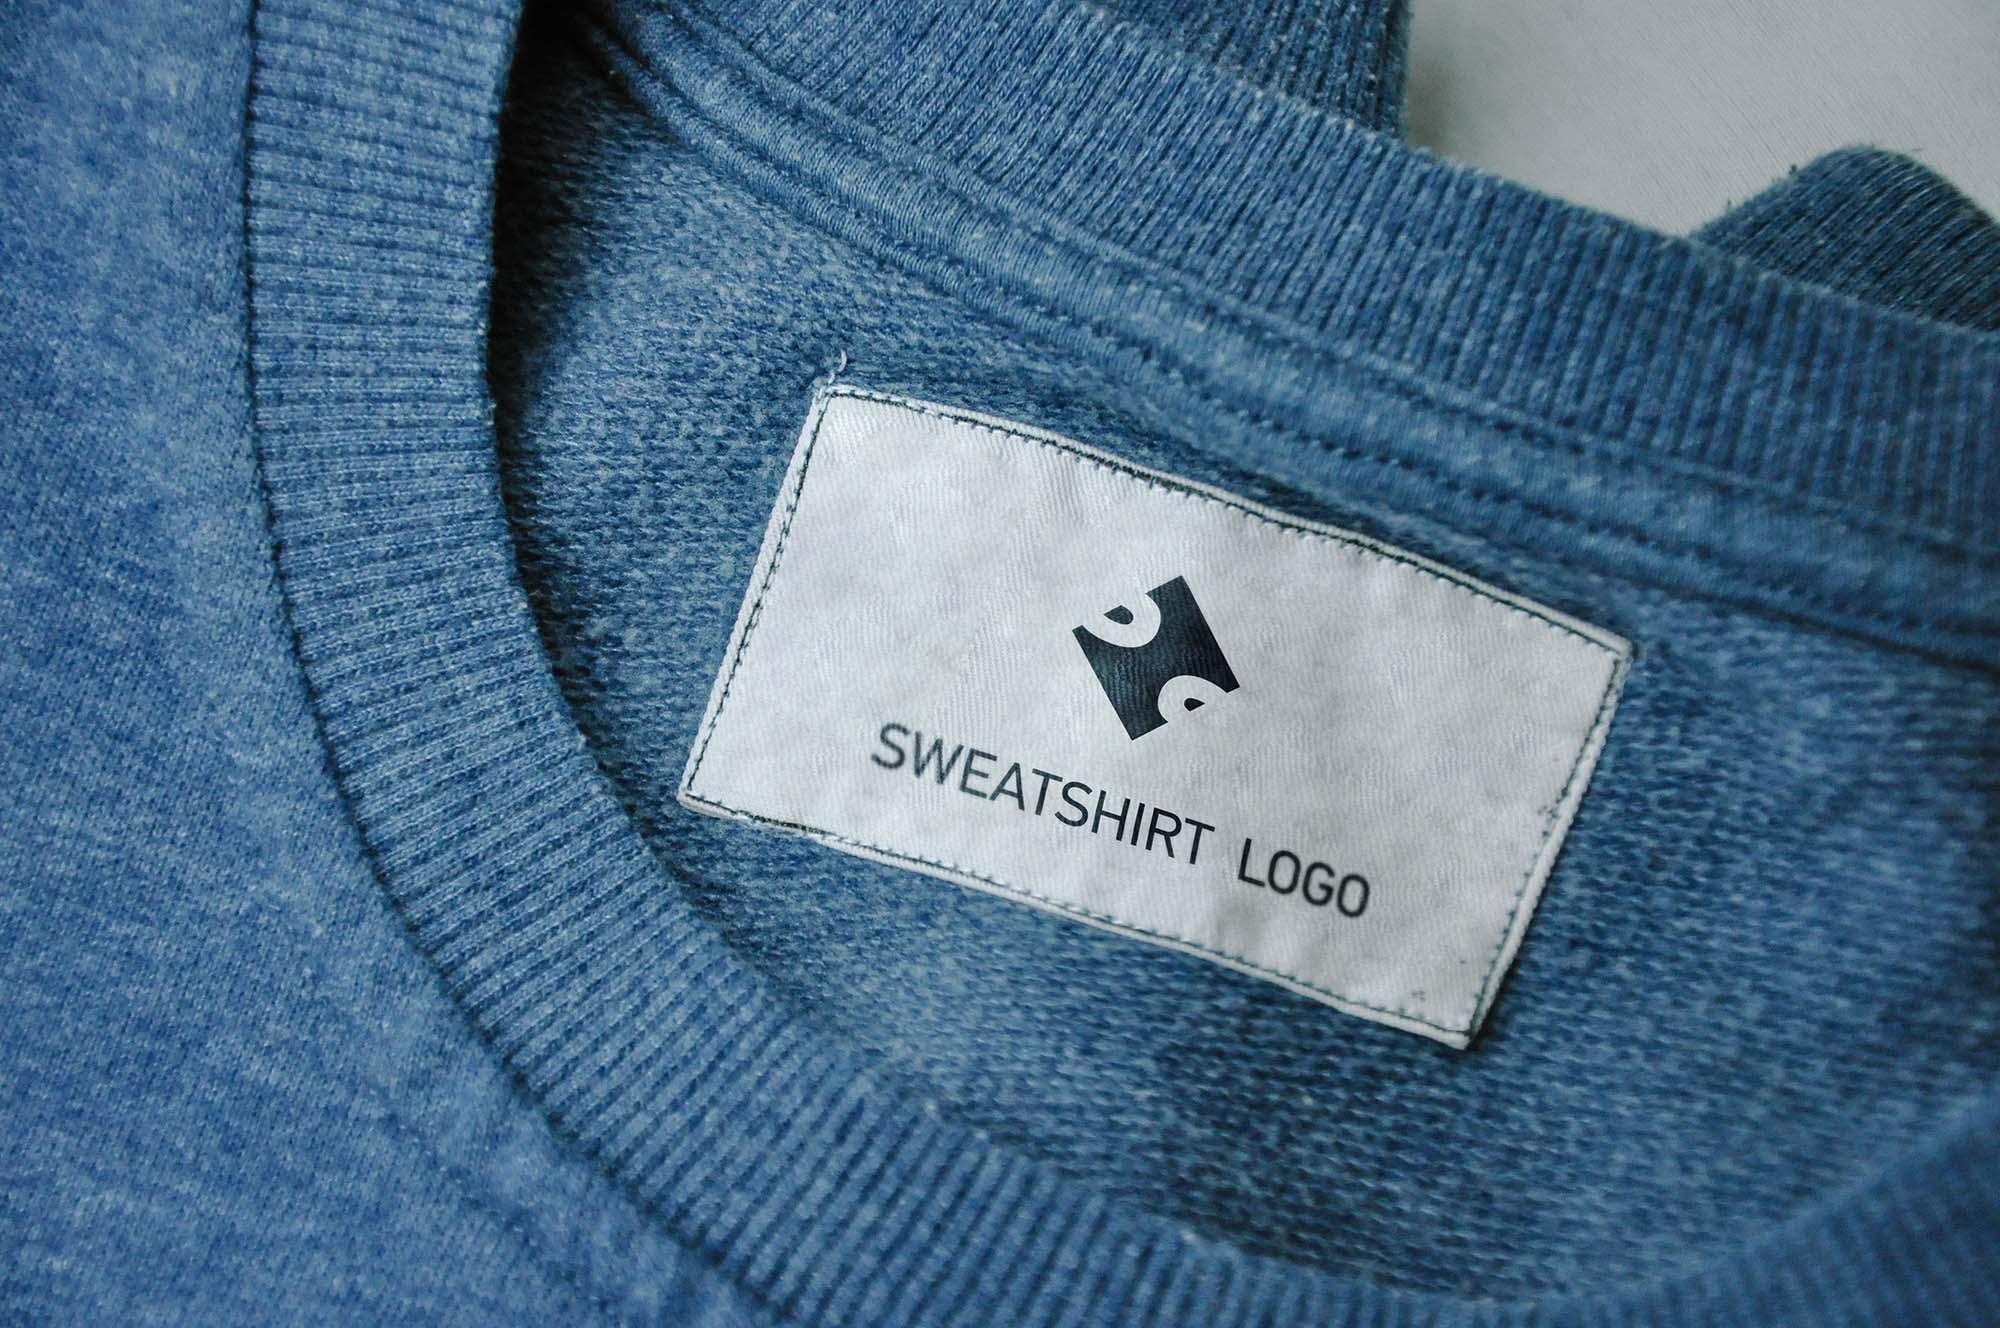 Sweatshirt Label Mockup